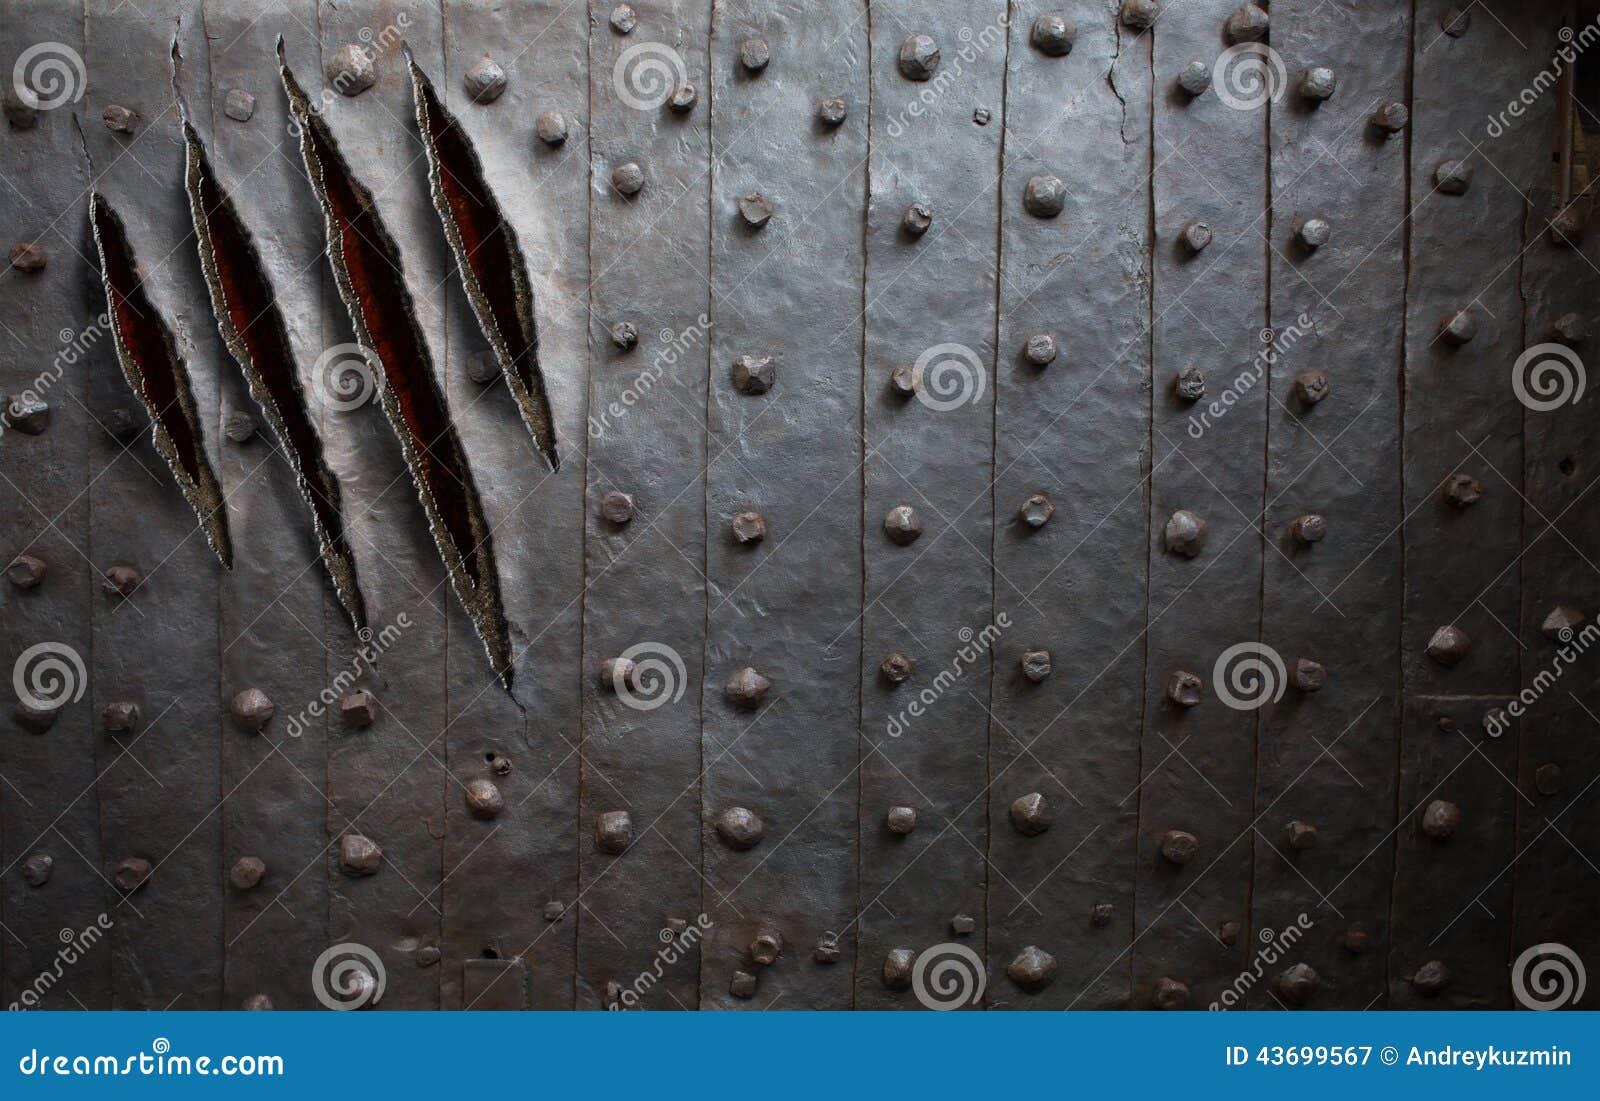 [Image: monster-claw-scratches-metal-wall-door-b...699567.jpg]